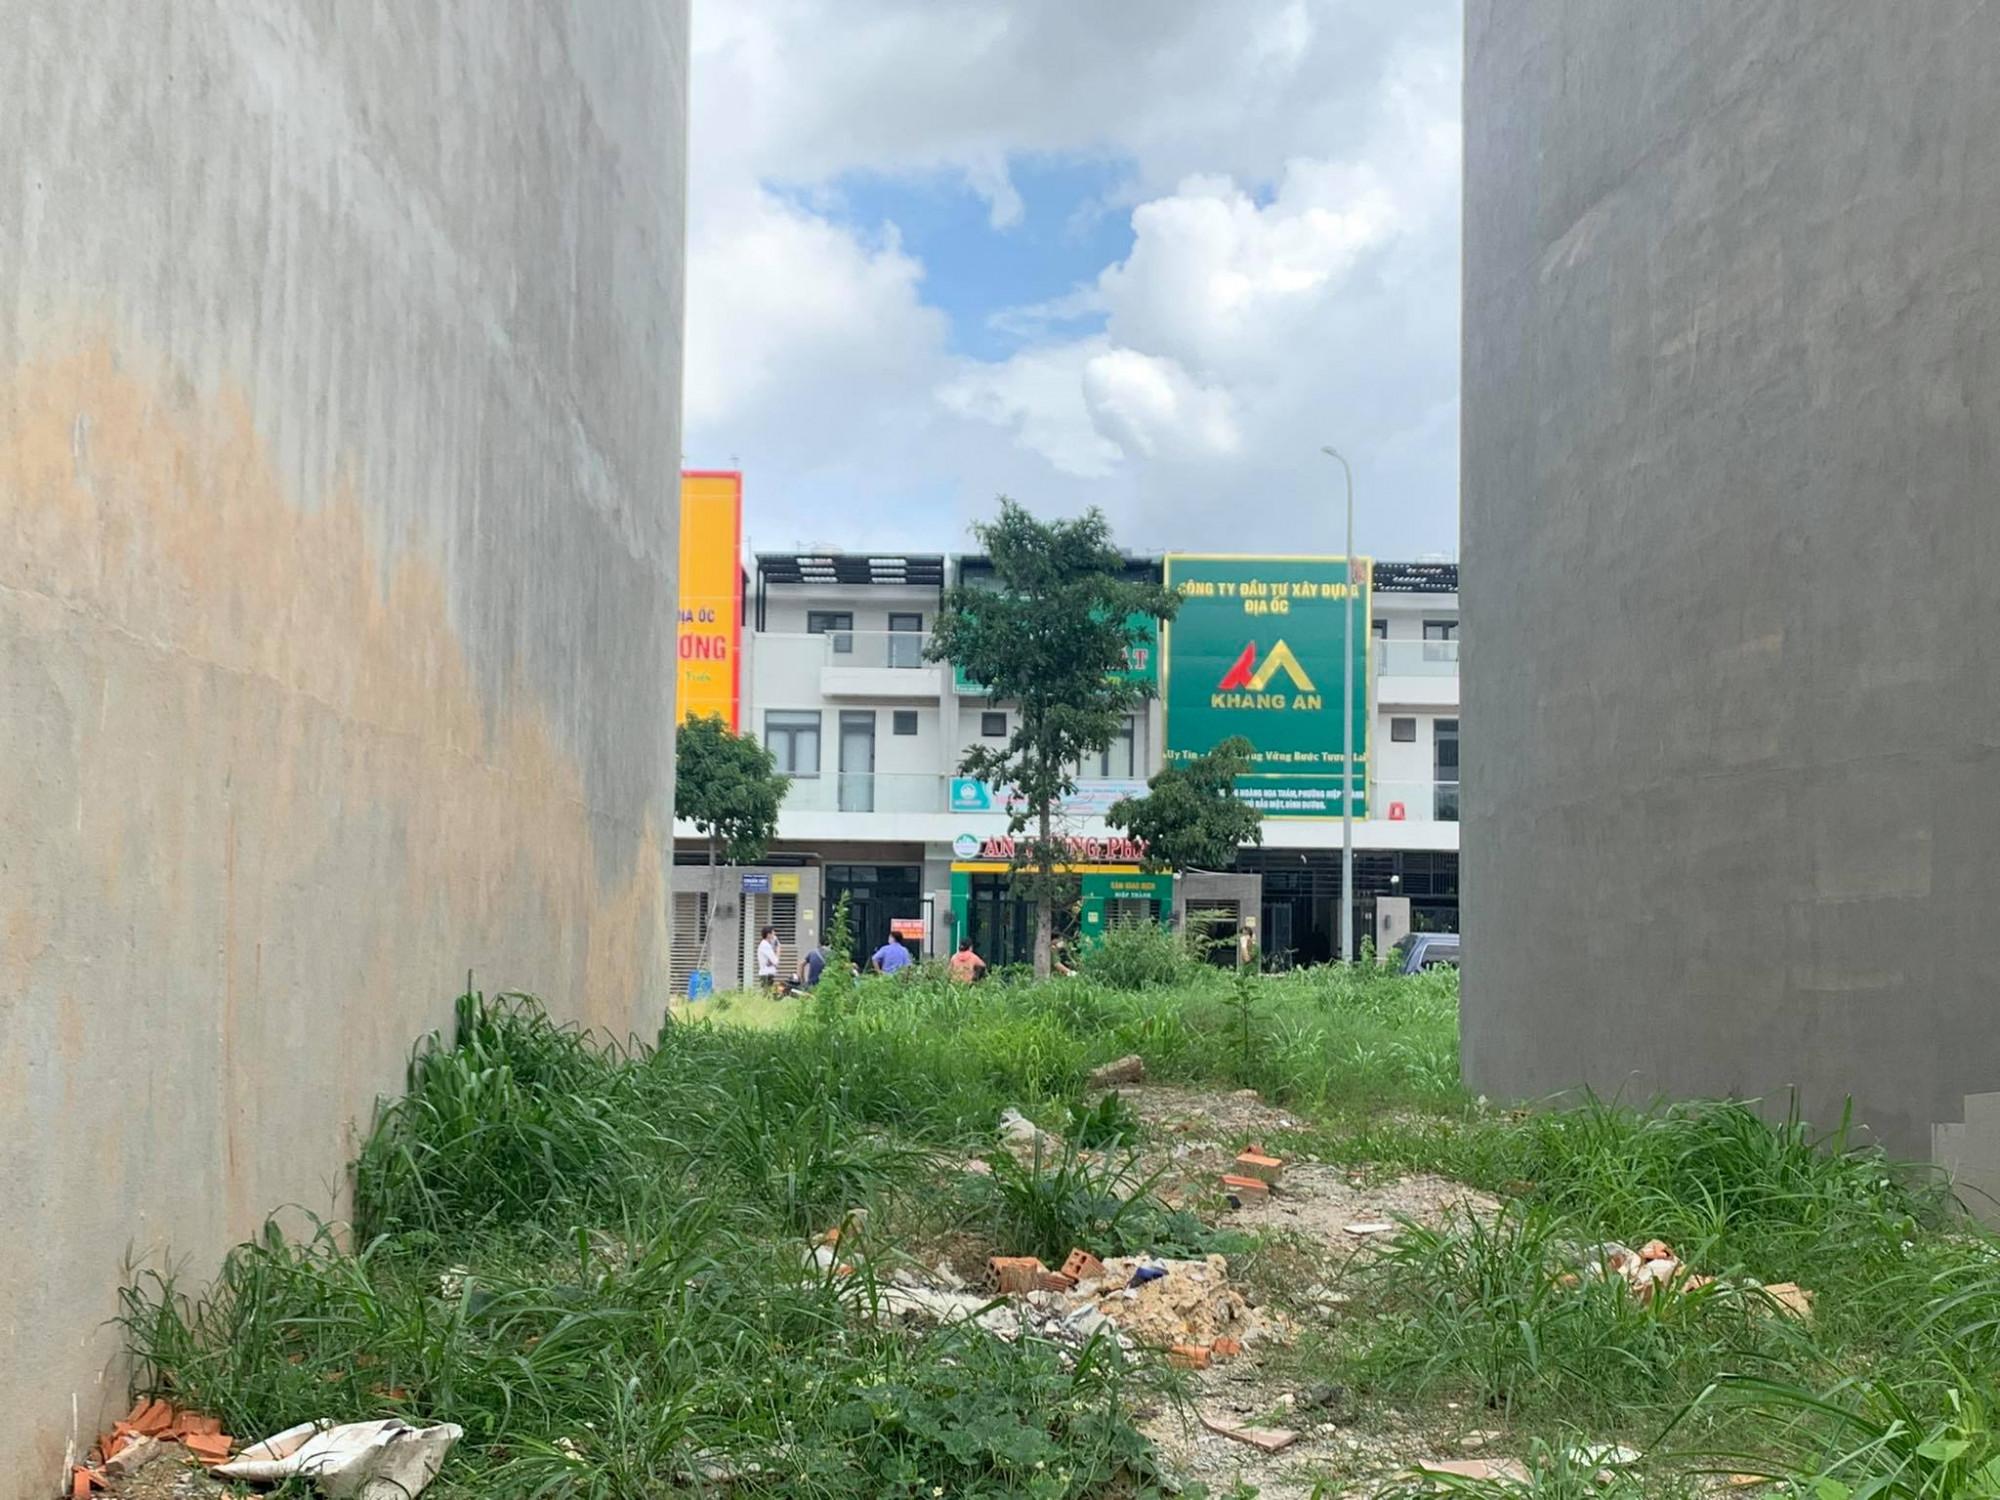 Văn phòng công ty bất động sản Khang An nơi xảy ra vụ việc